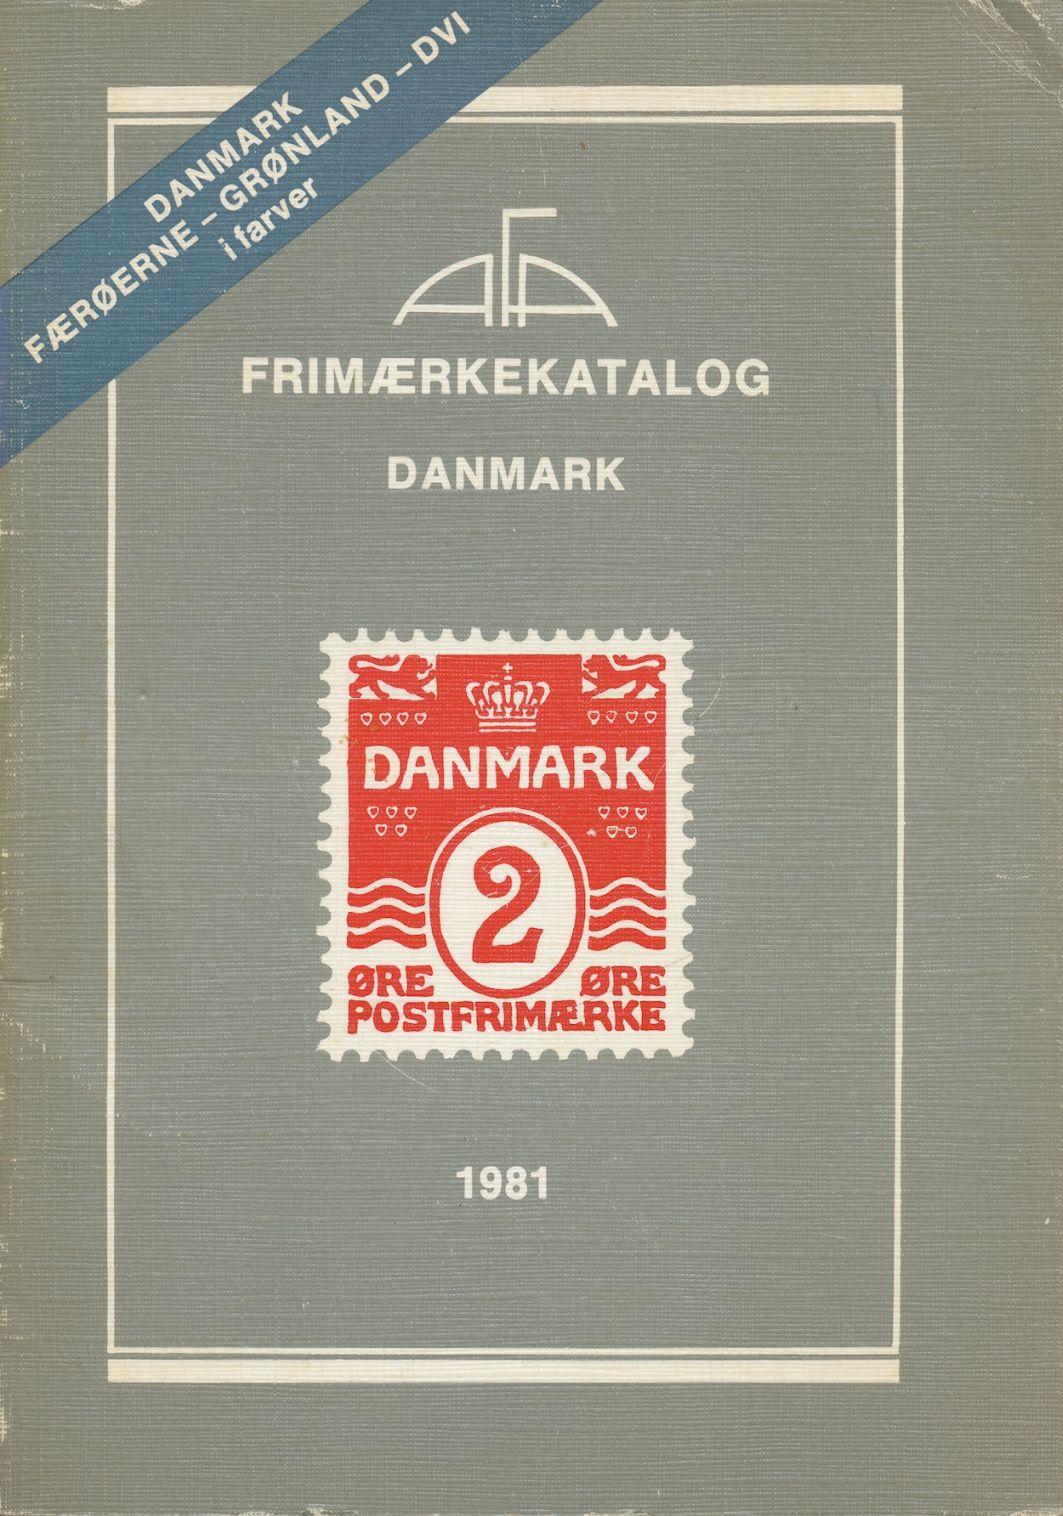 Image for Frimaerkekatalog: Danmark